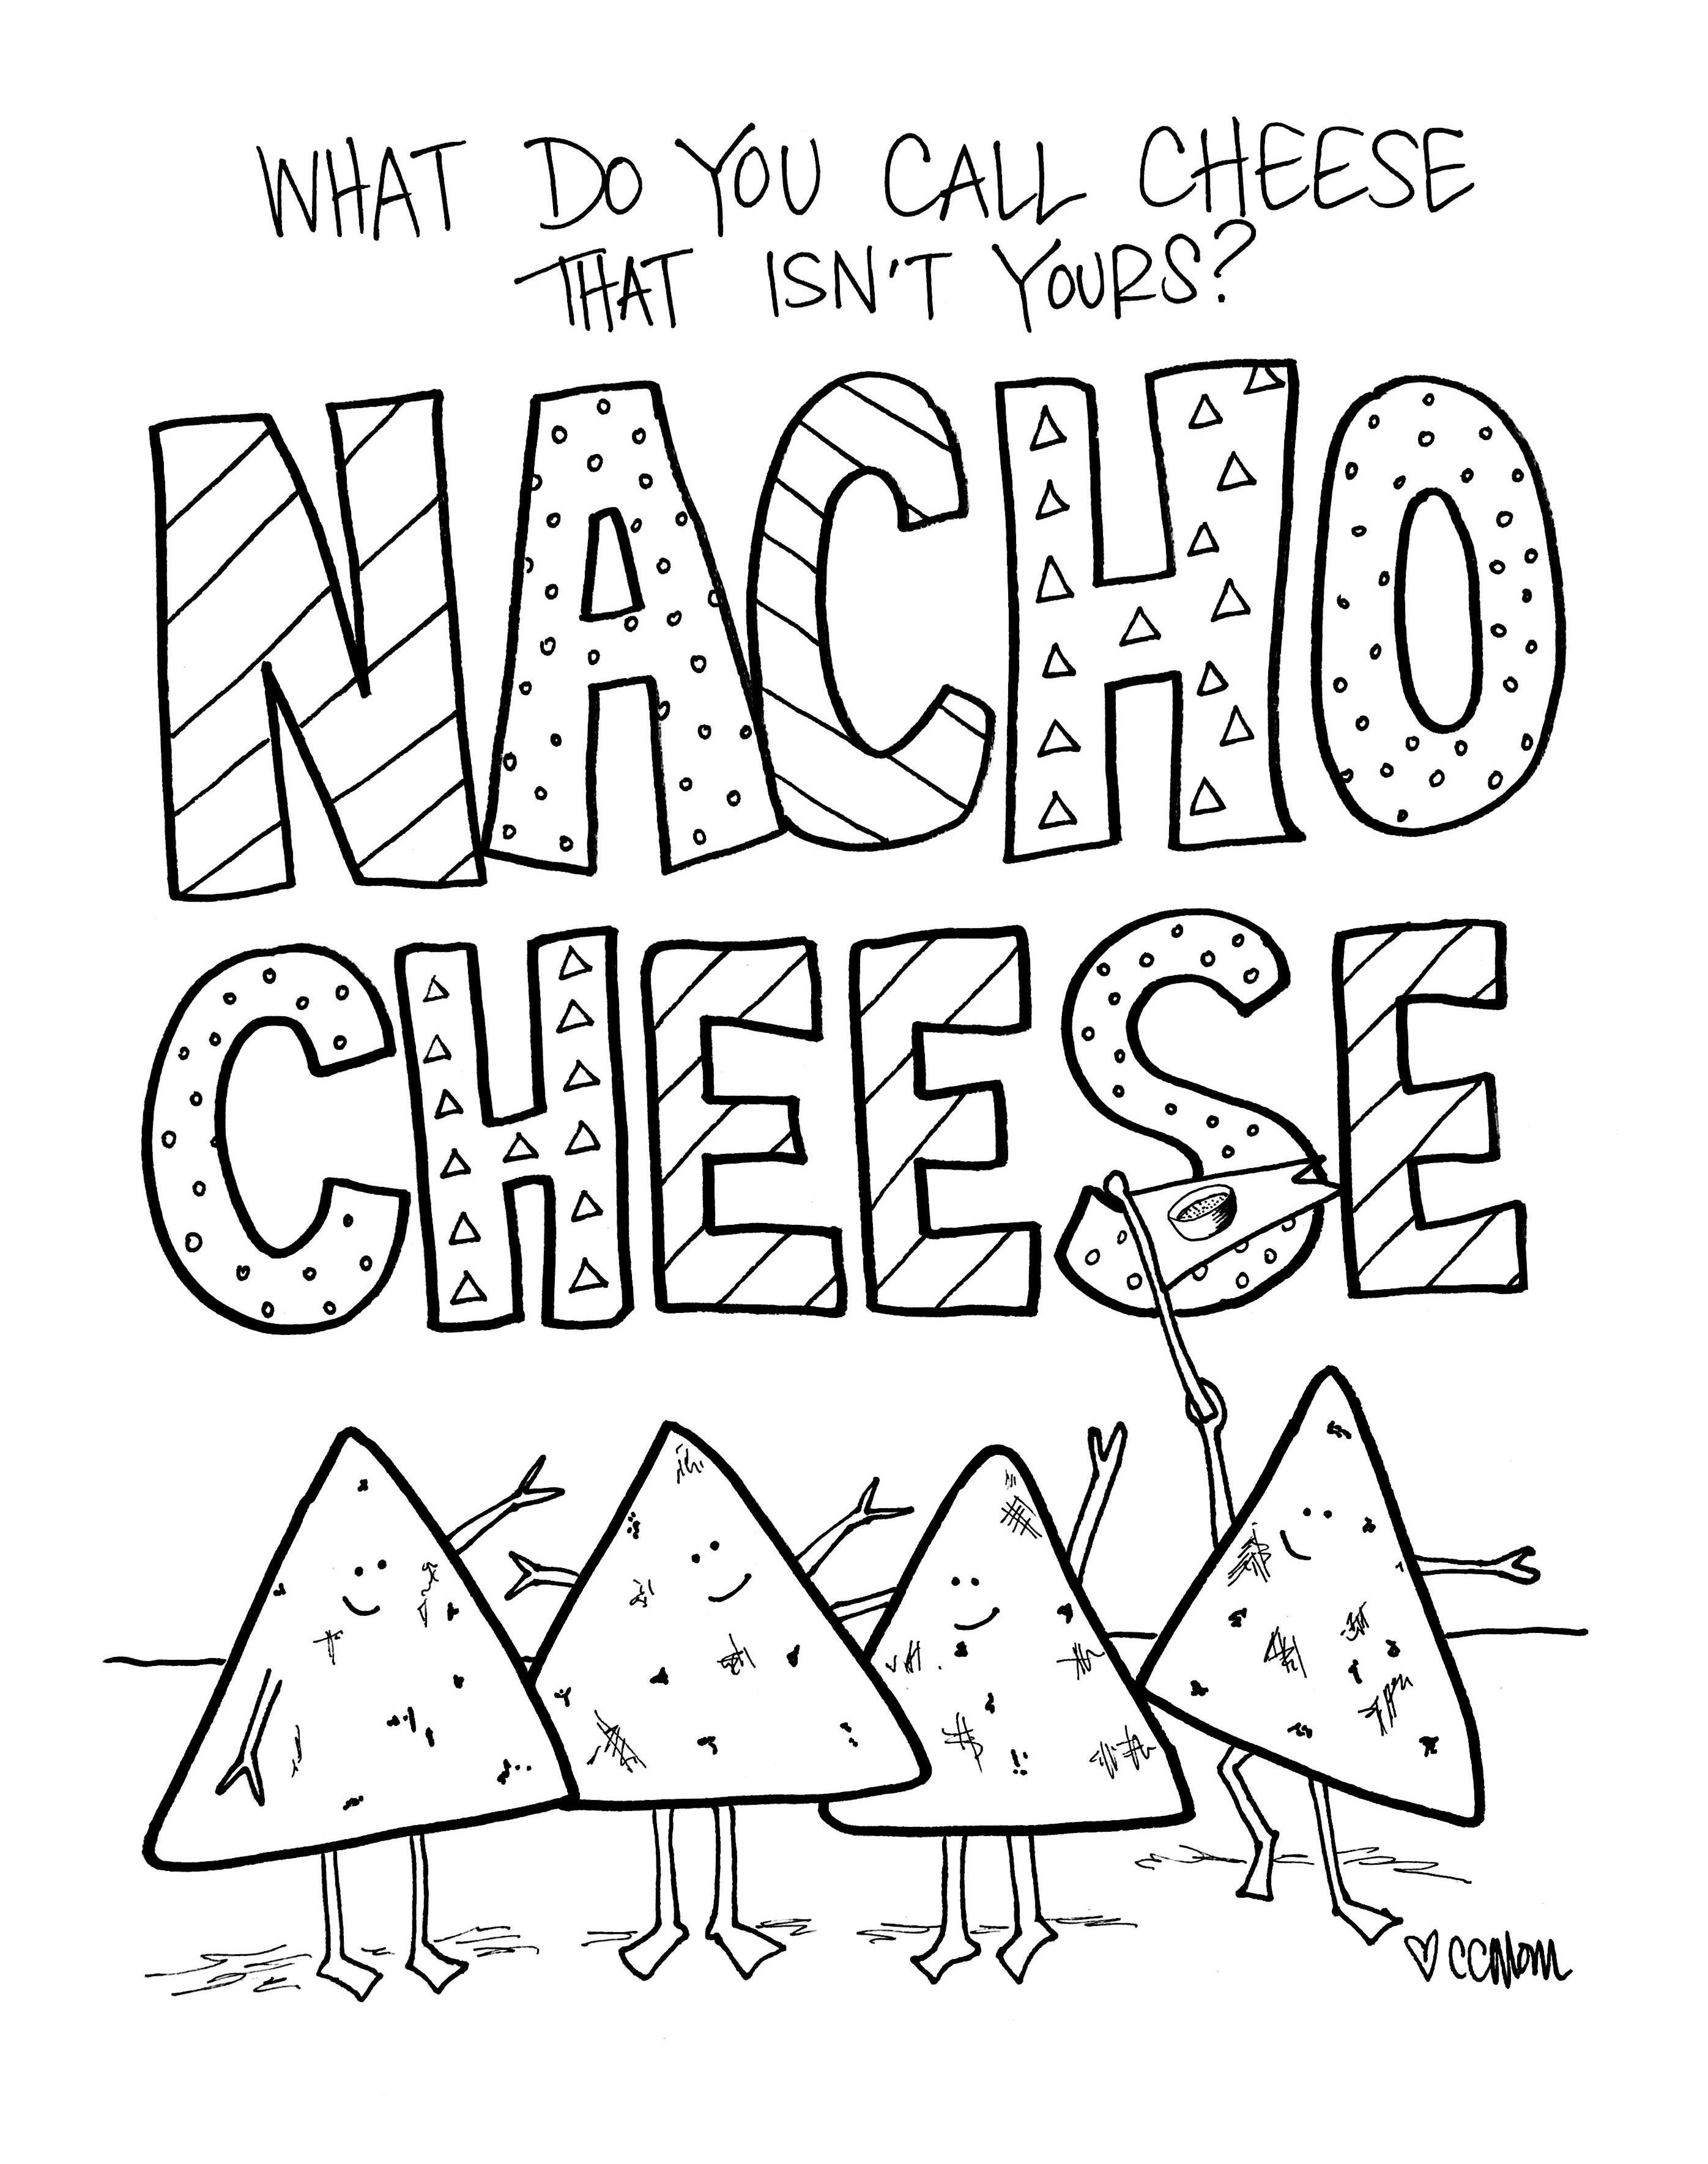 Nacho Cheese Joke